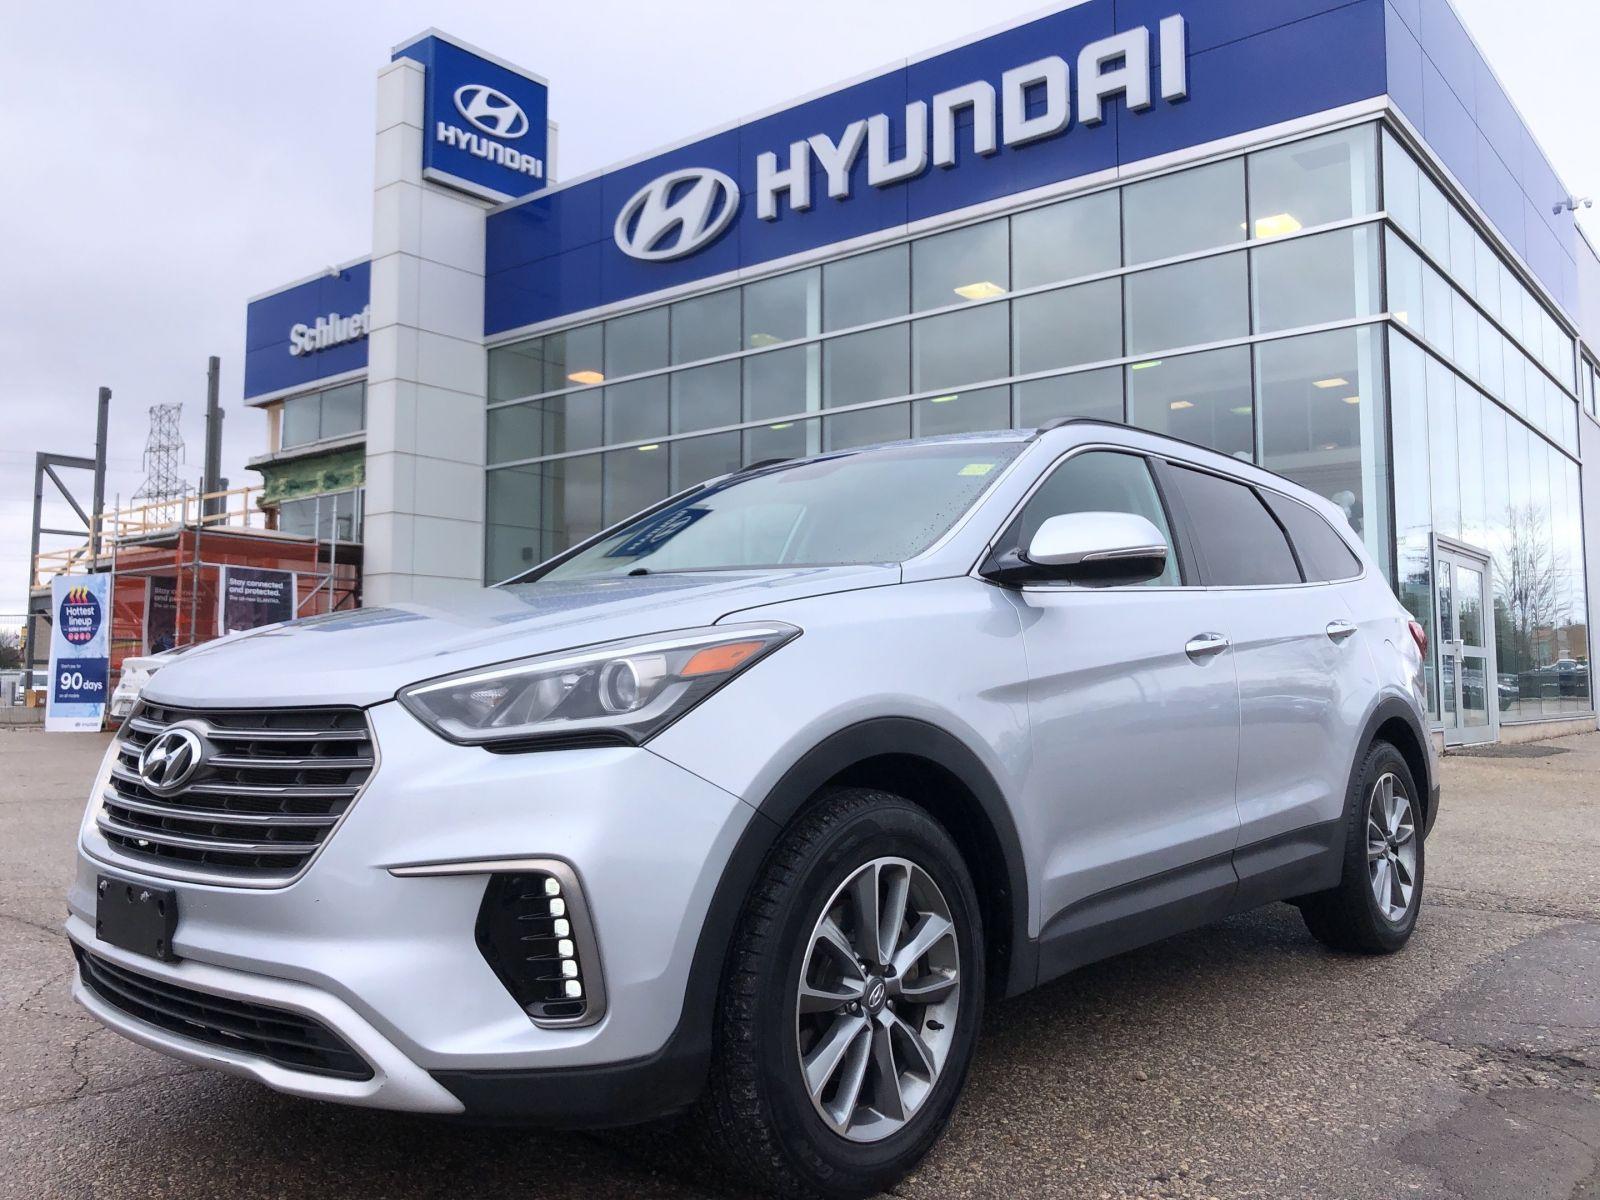 2017 Hyundai Santa Fe XL Image